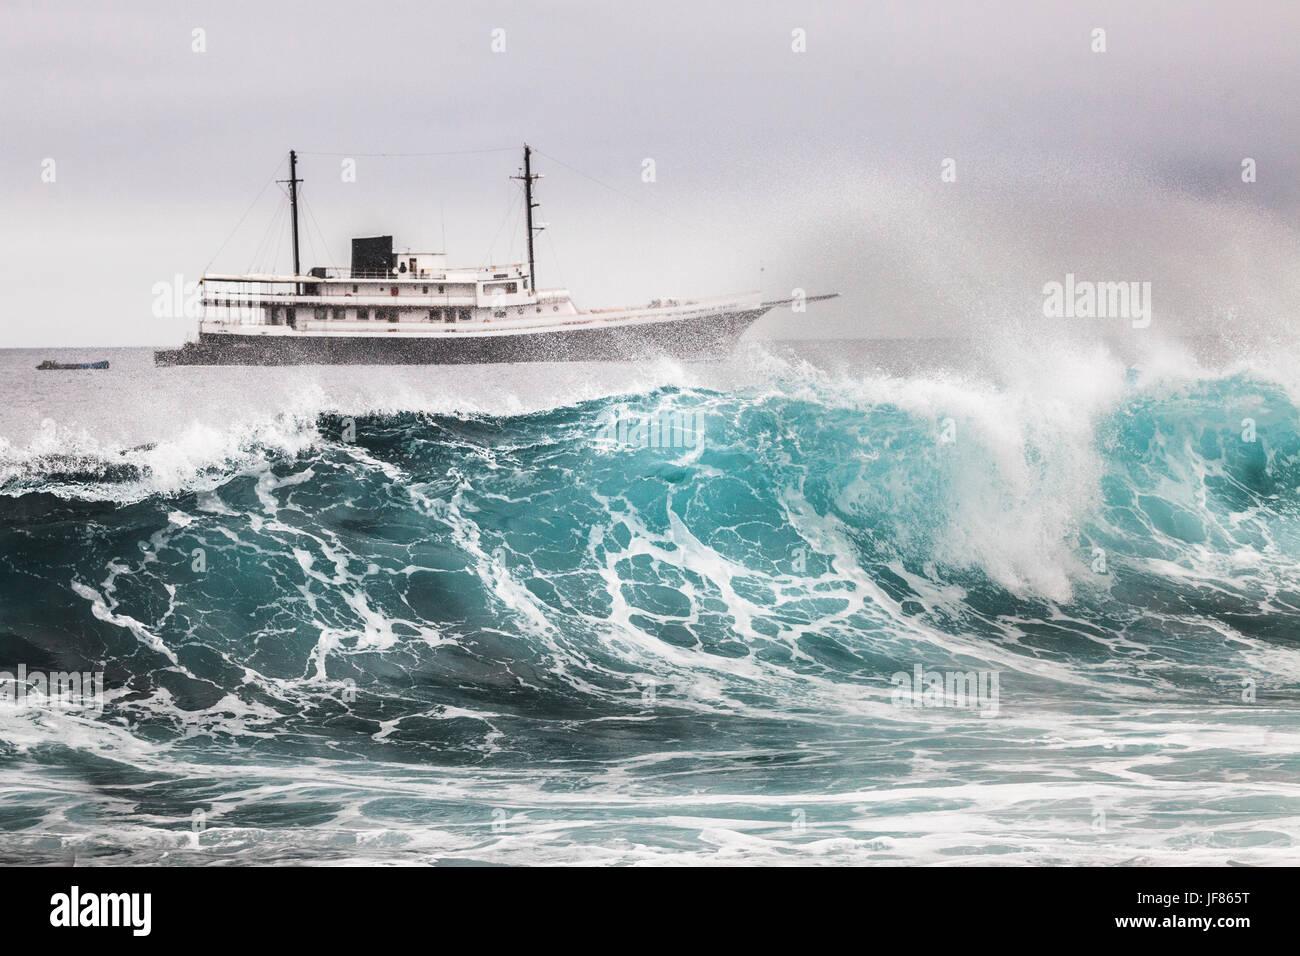 Cruise Ship In Galapagos Islands Ecuador Stock Photo Royalty - Cruise ships to the galapagos islands